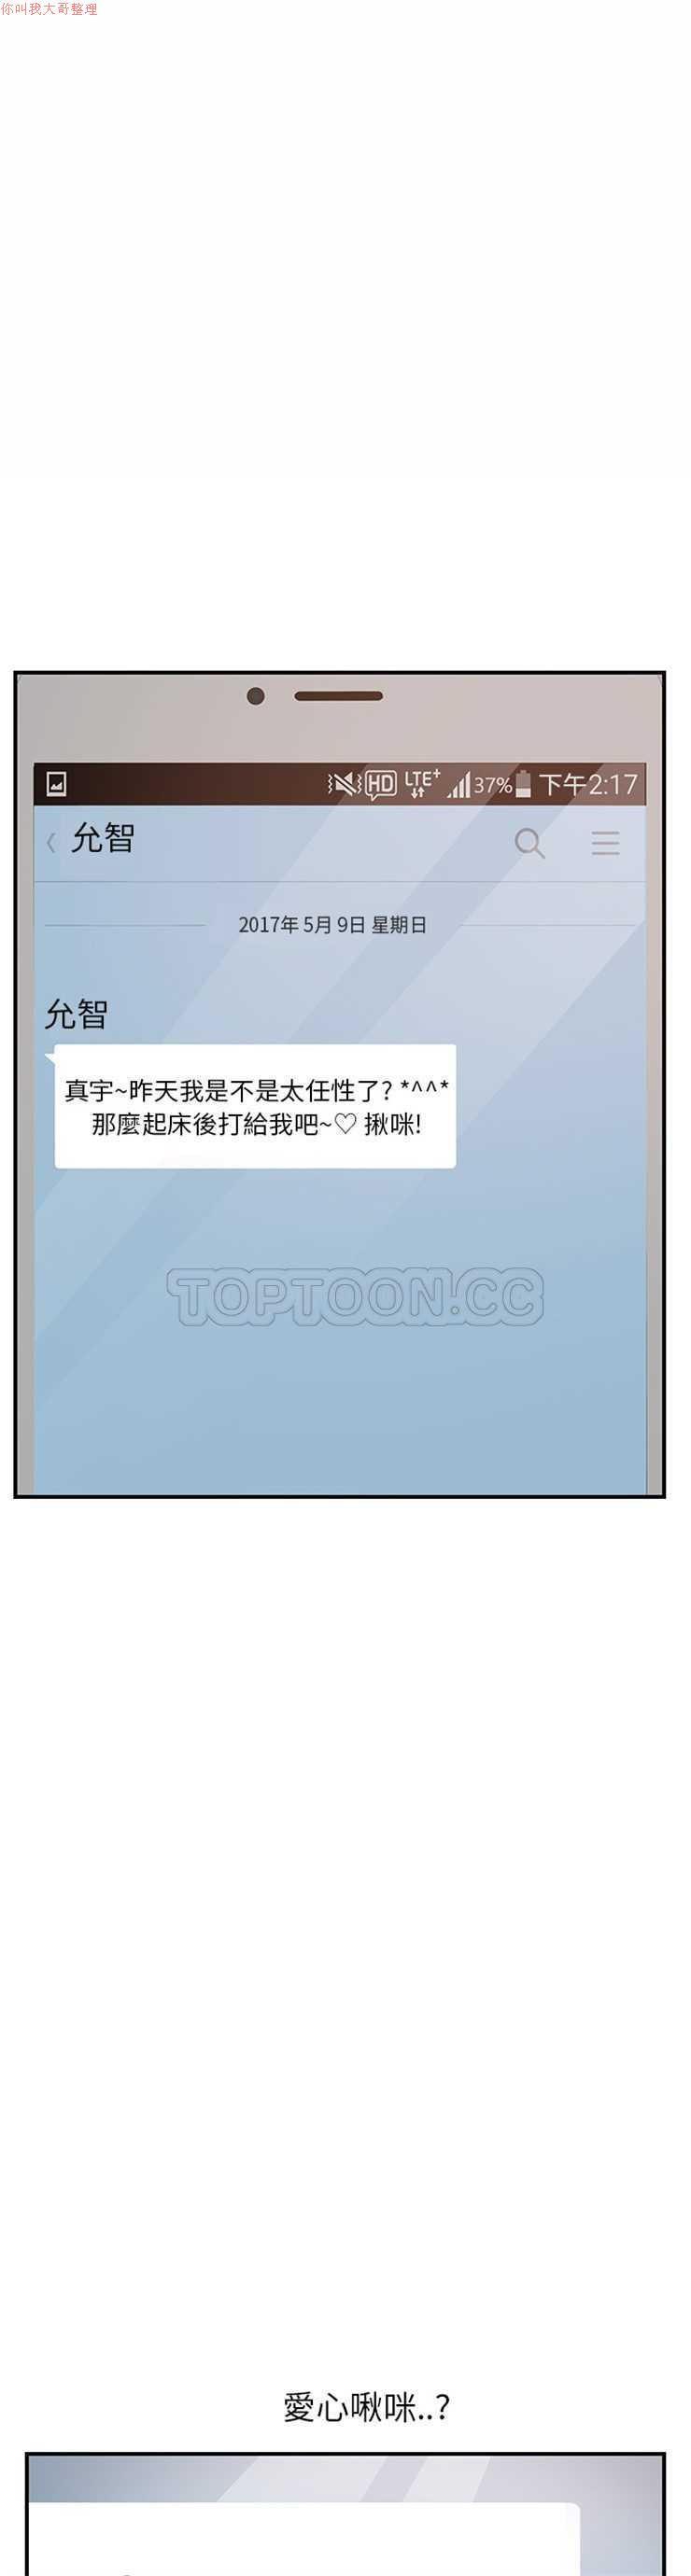 继母  Chinese 1-30 197